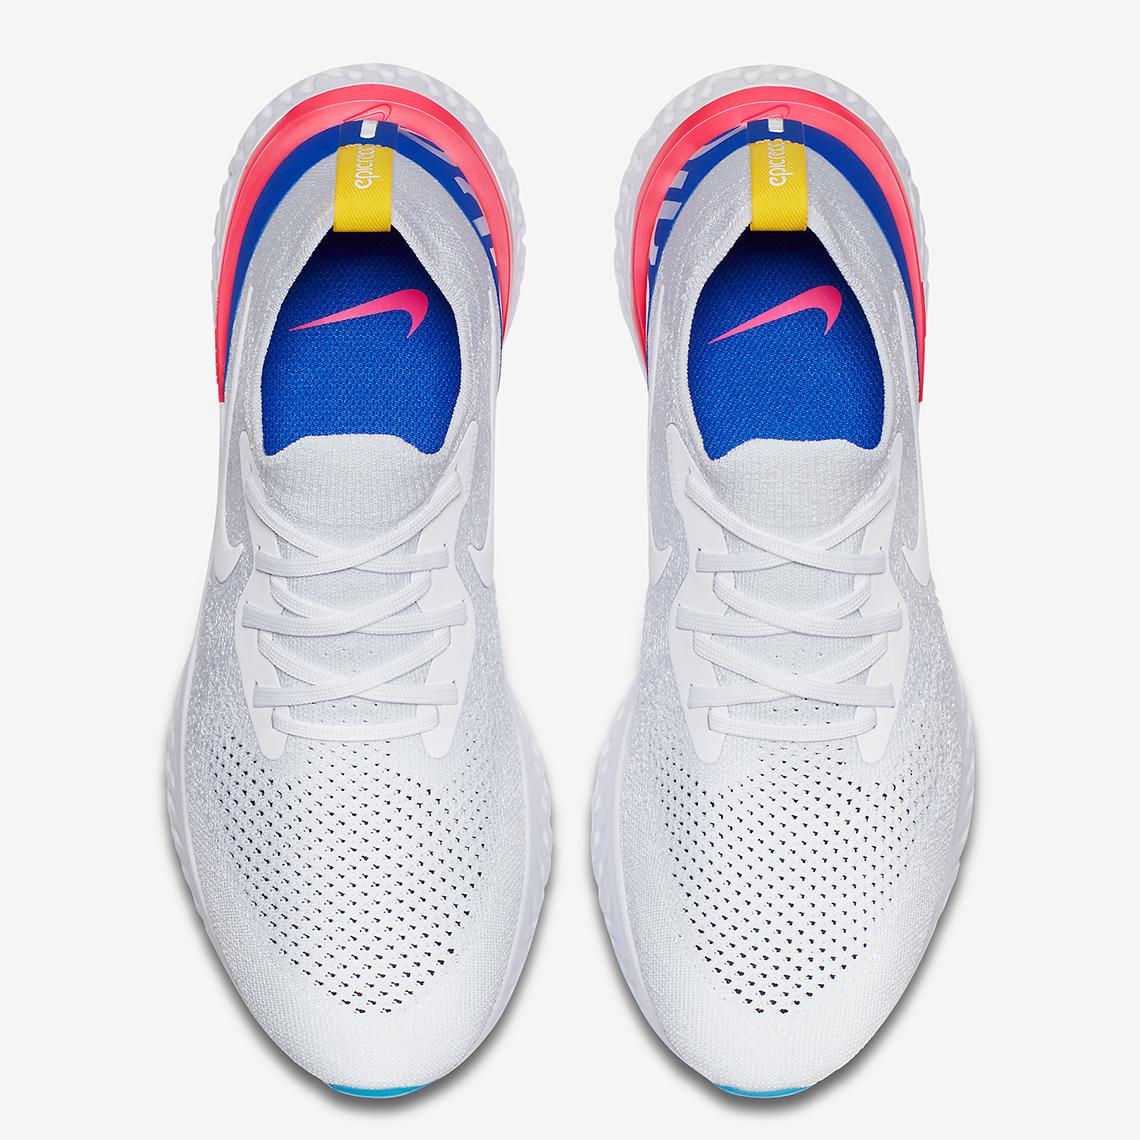 Nike Épica Reaccionar Fecha De Lanzamiento Flyknit srMqI